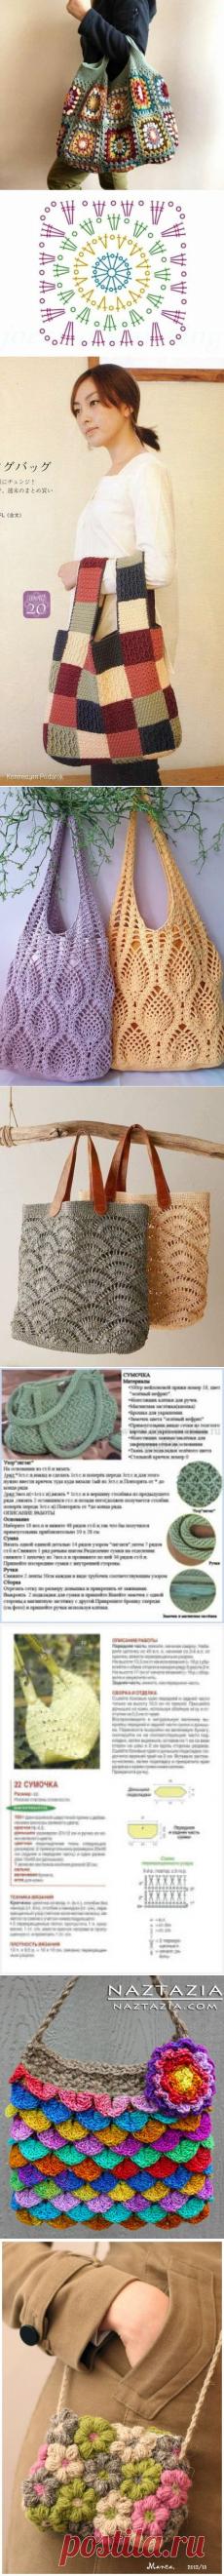 Вязаные сумки   Lukashina Galina   Идеи и фотоинструкции бесплатно на Постиле